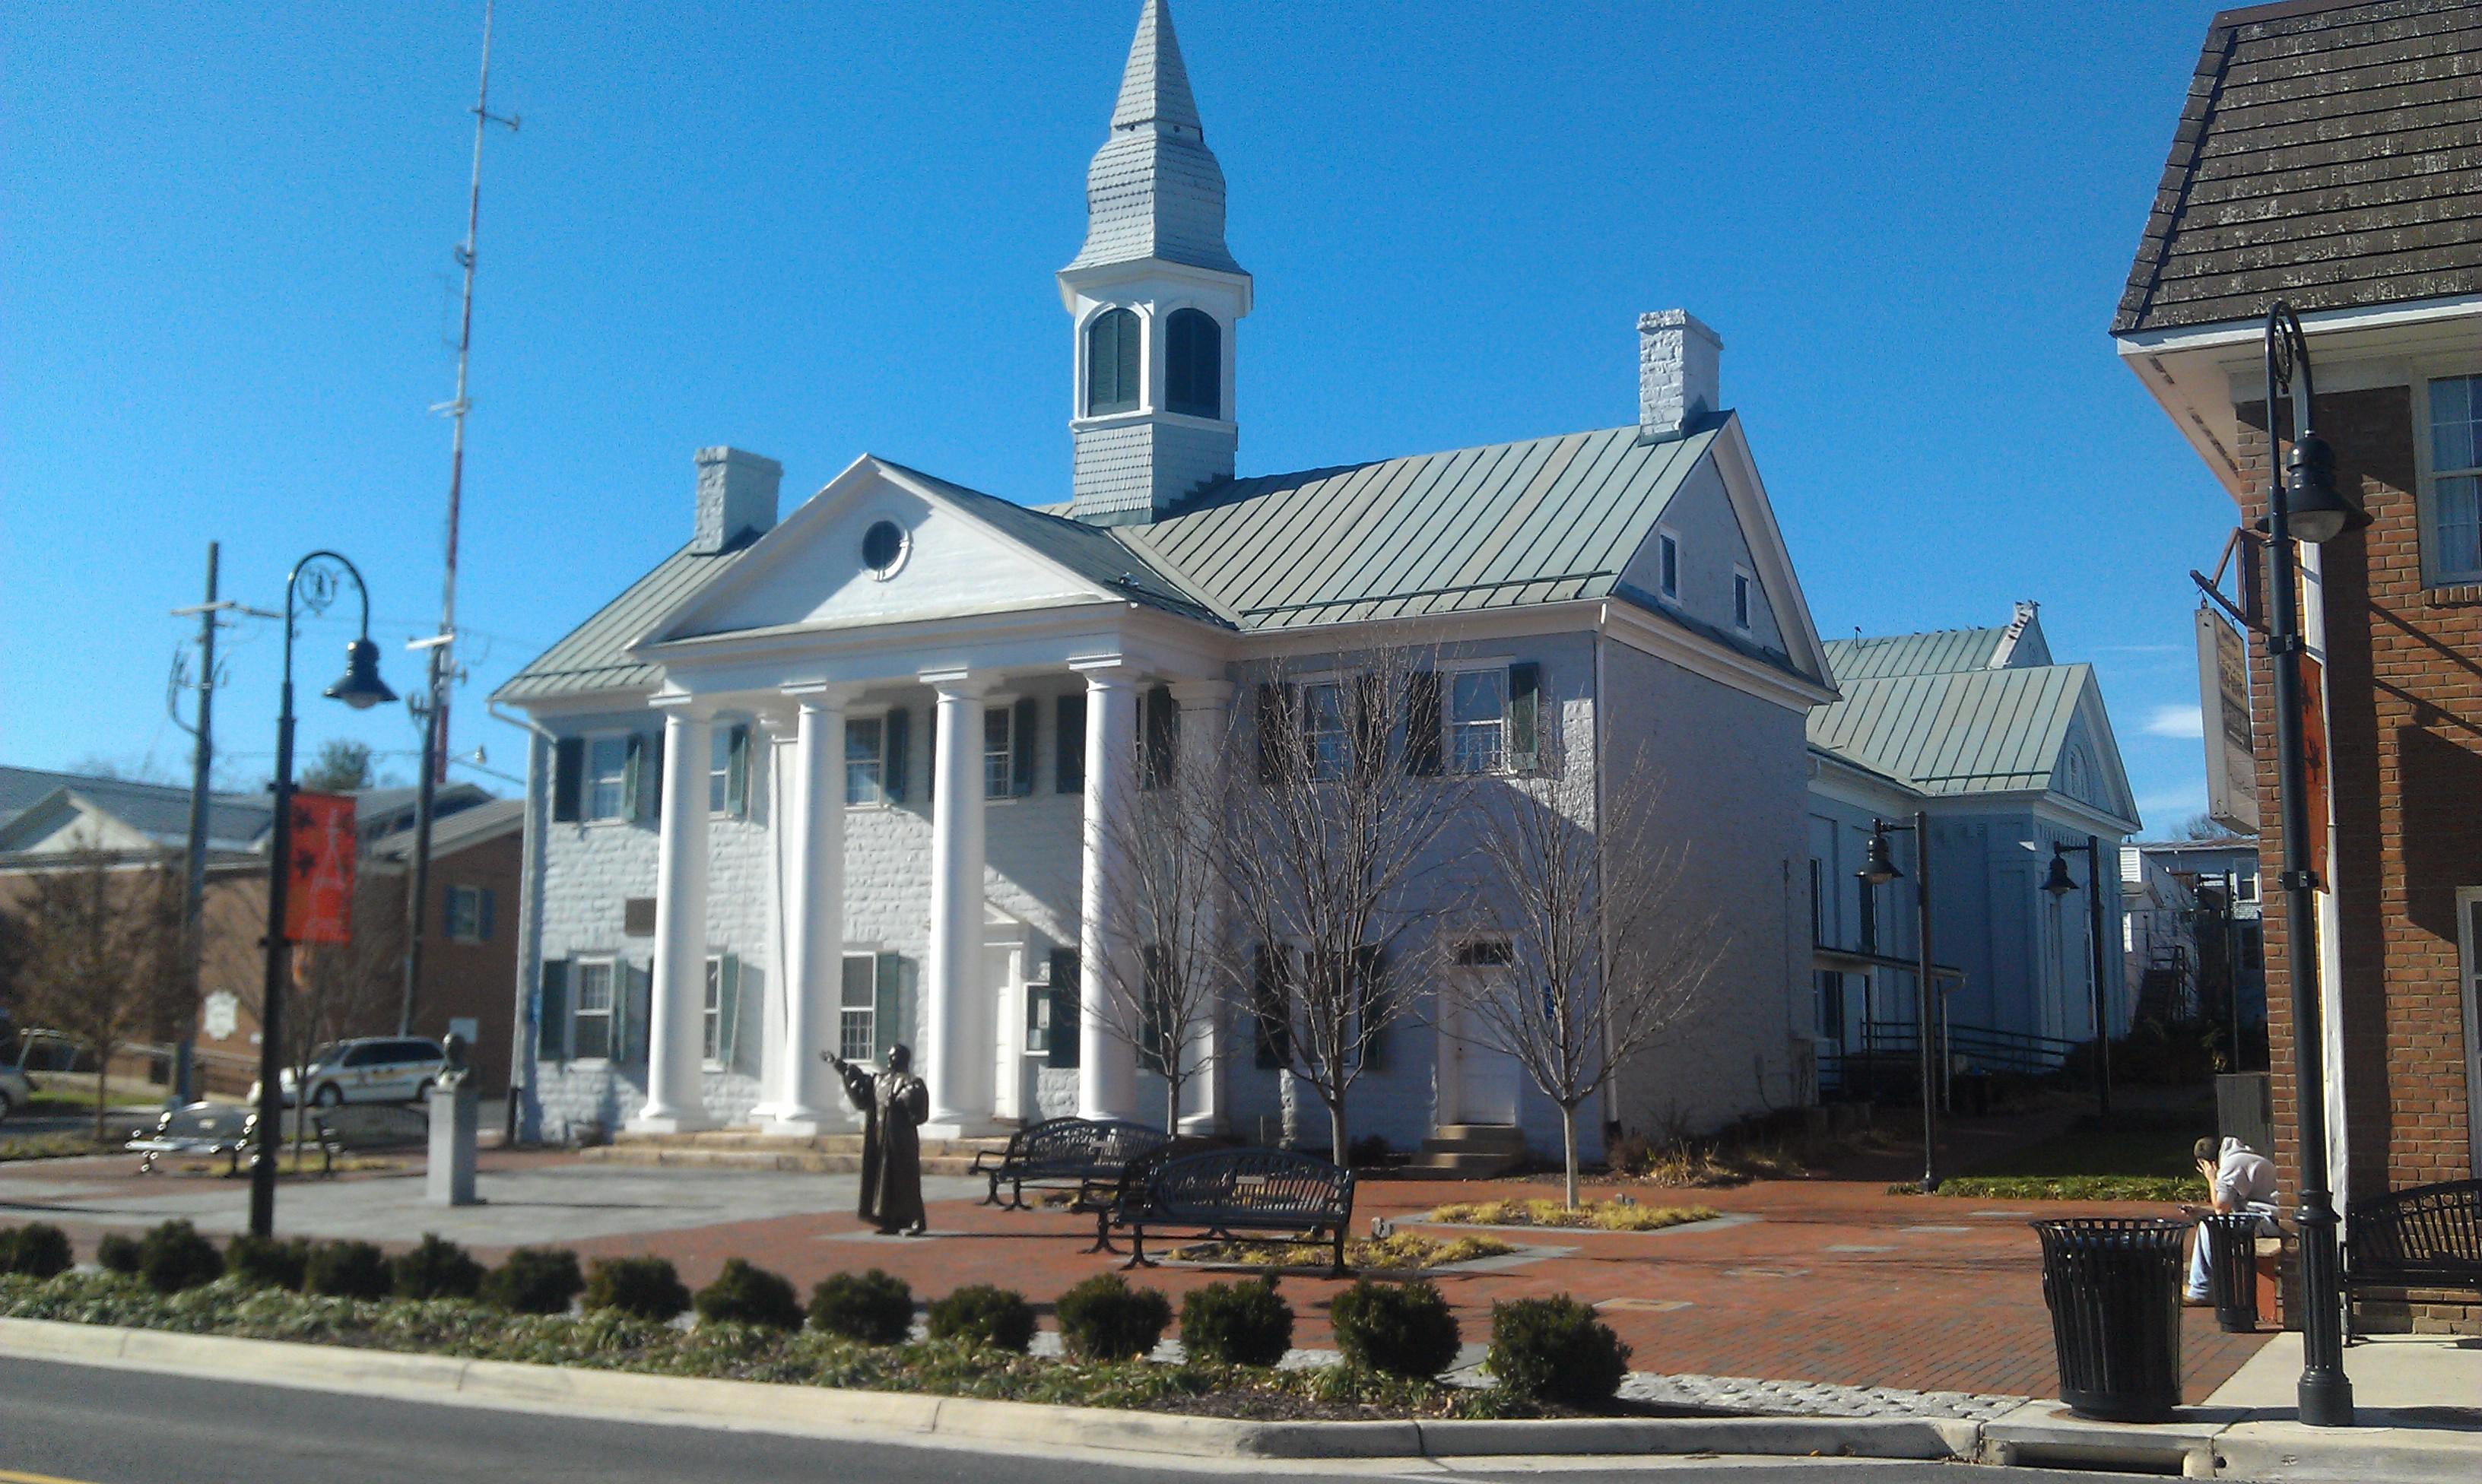 Woodstock (VA) United States  City pictures : Shenandoah County Courthouse Woodstock VA Nov 11 Wikipedia ...